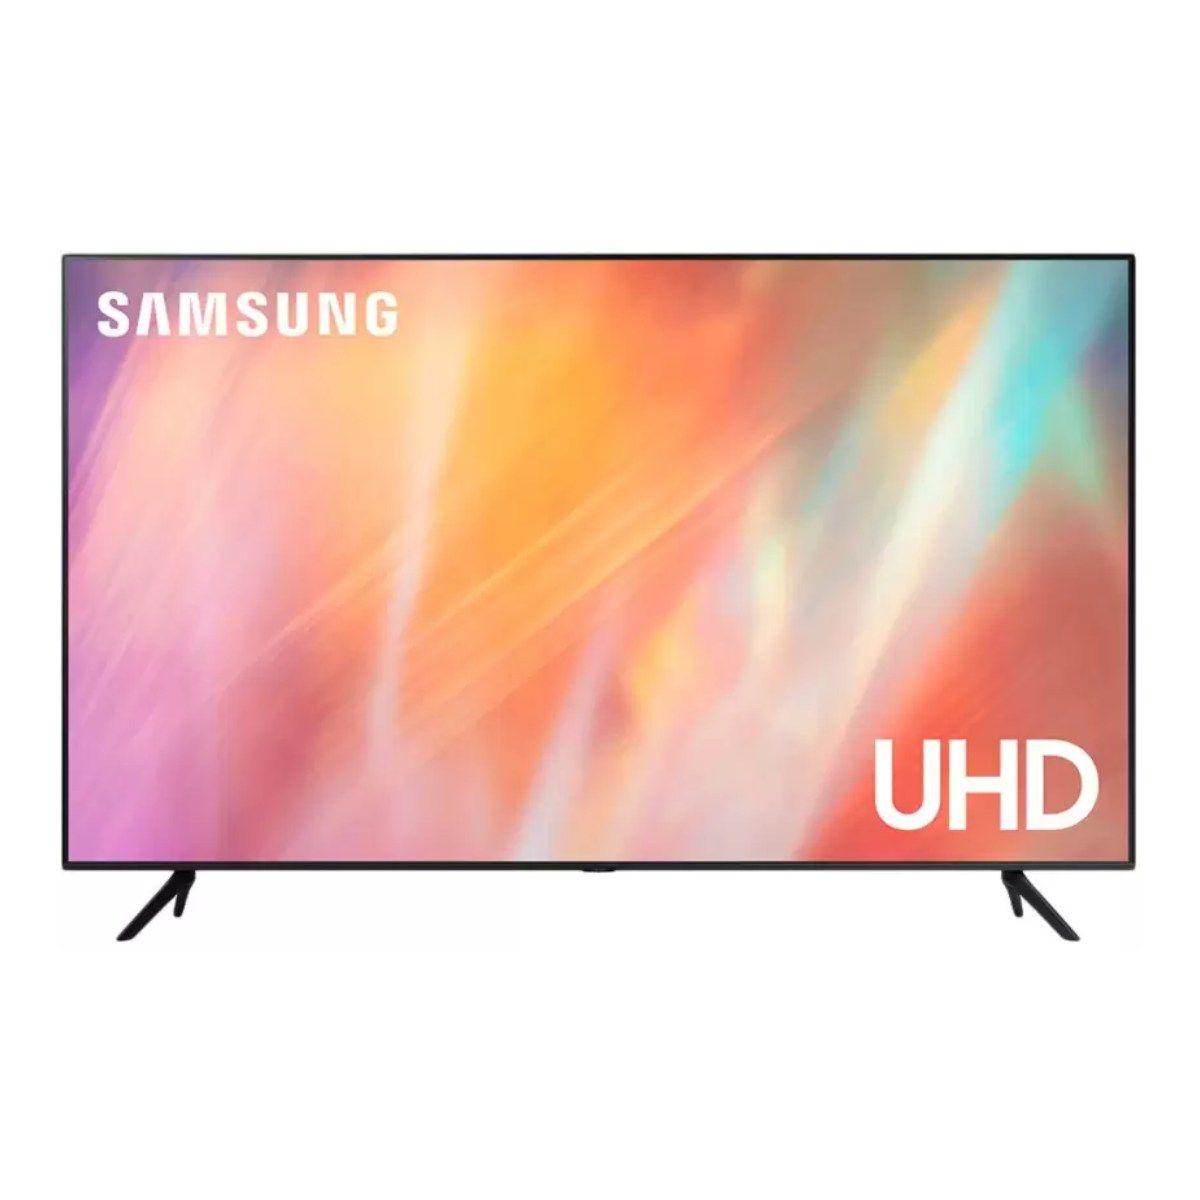 ಸ್ಯಾಮ್ಸಂಗ್ Crystal 4K 50-inch Ultra HD LED TV